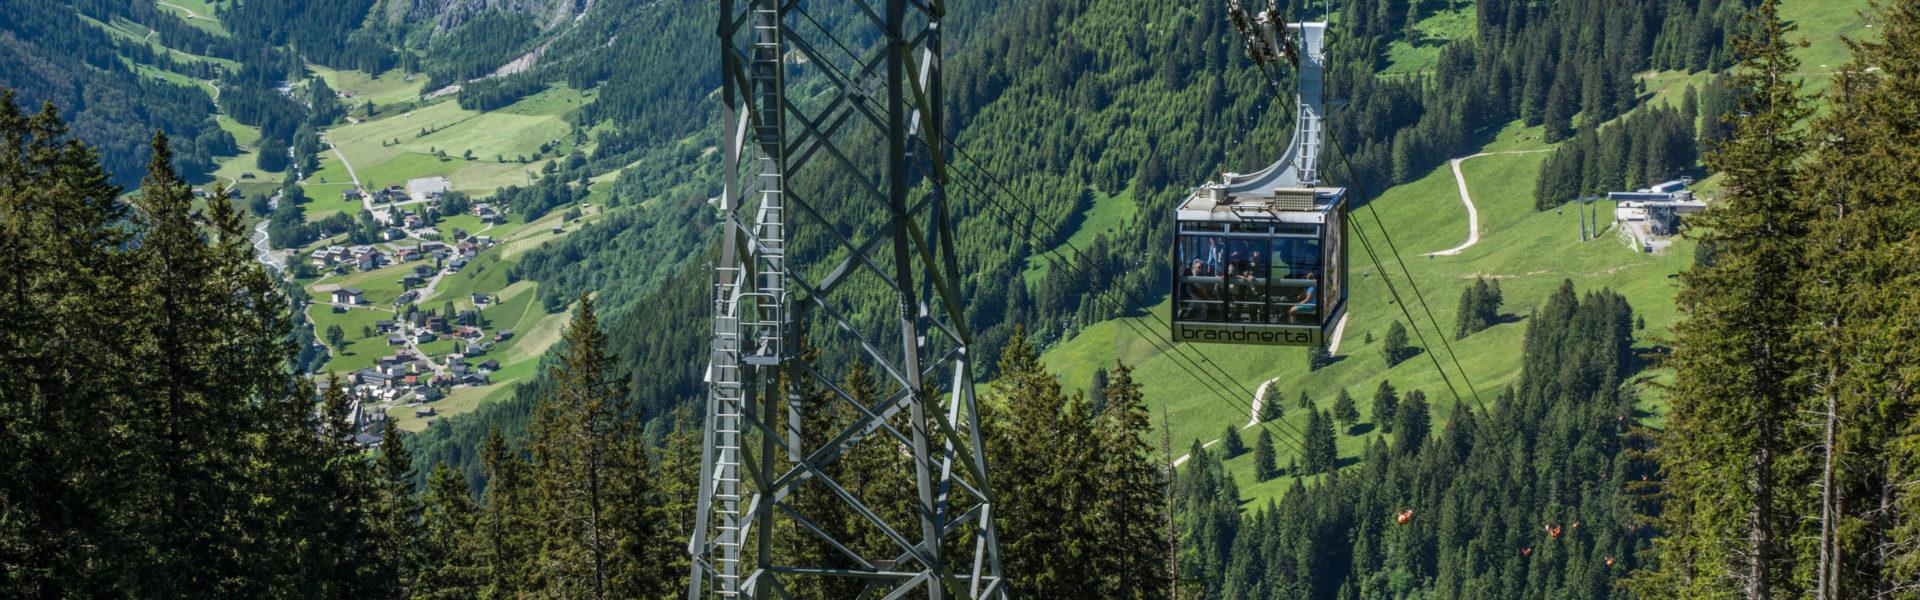 Panoramabahn Brand mit Blick nach Brand (c) Helmut Düringer / Vorarlberg Tourismus GmbH